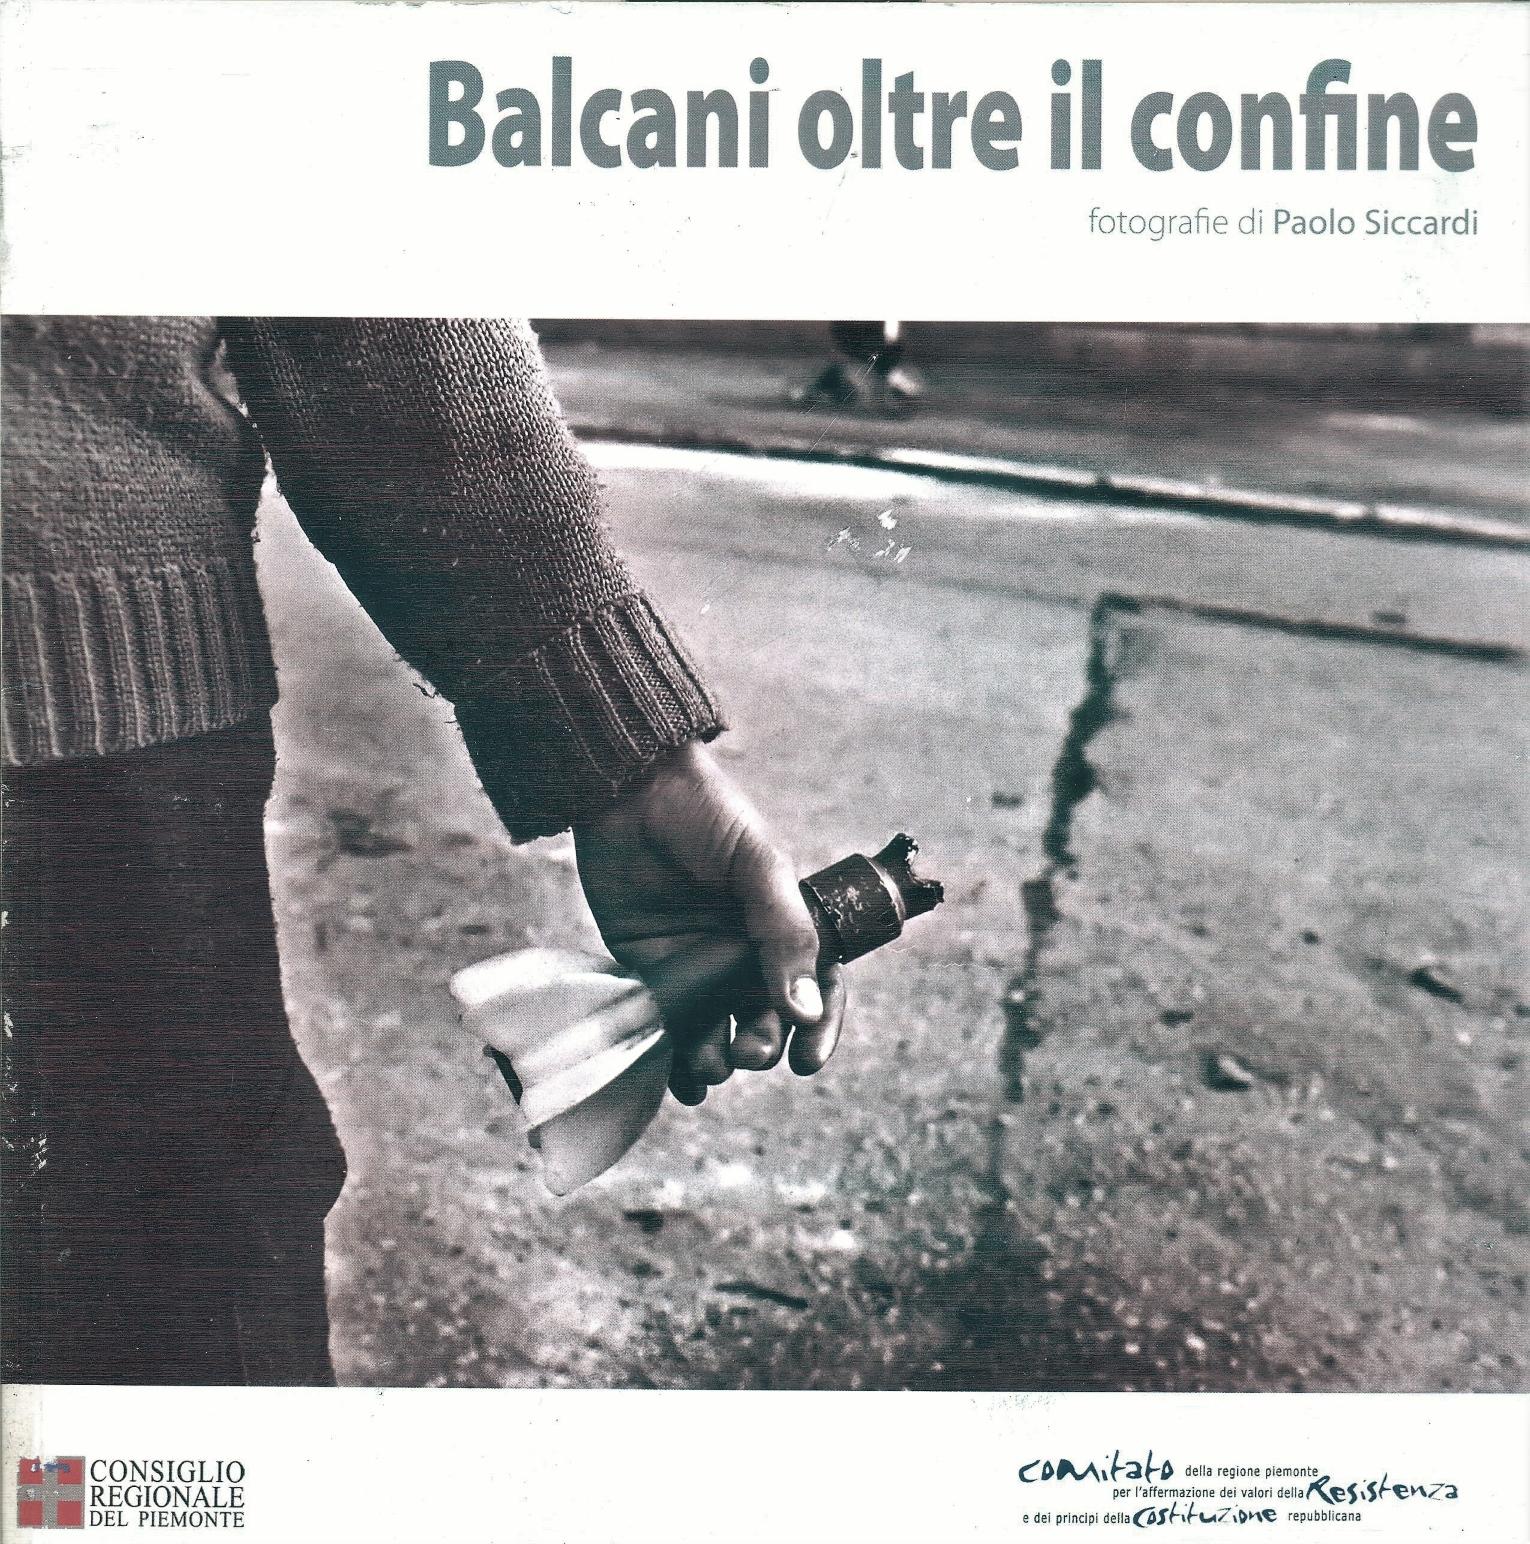 Balcani oltre il confine